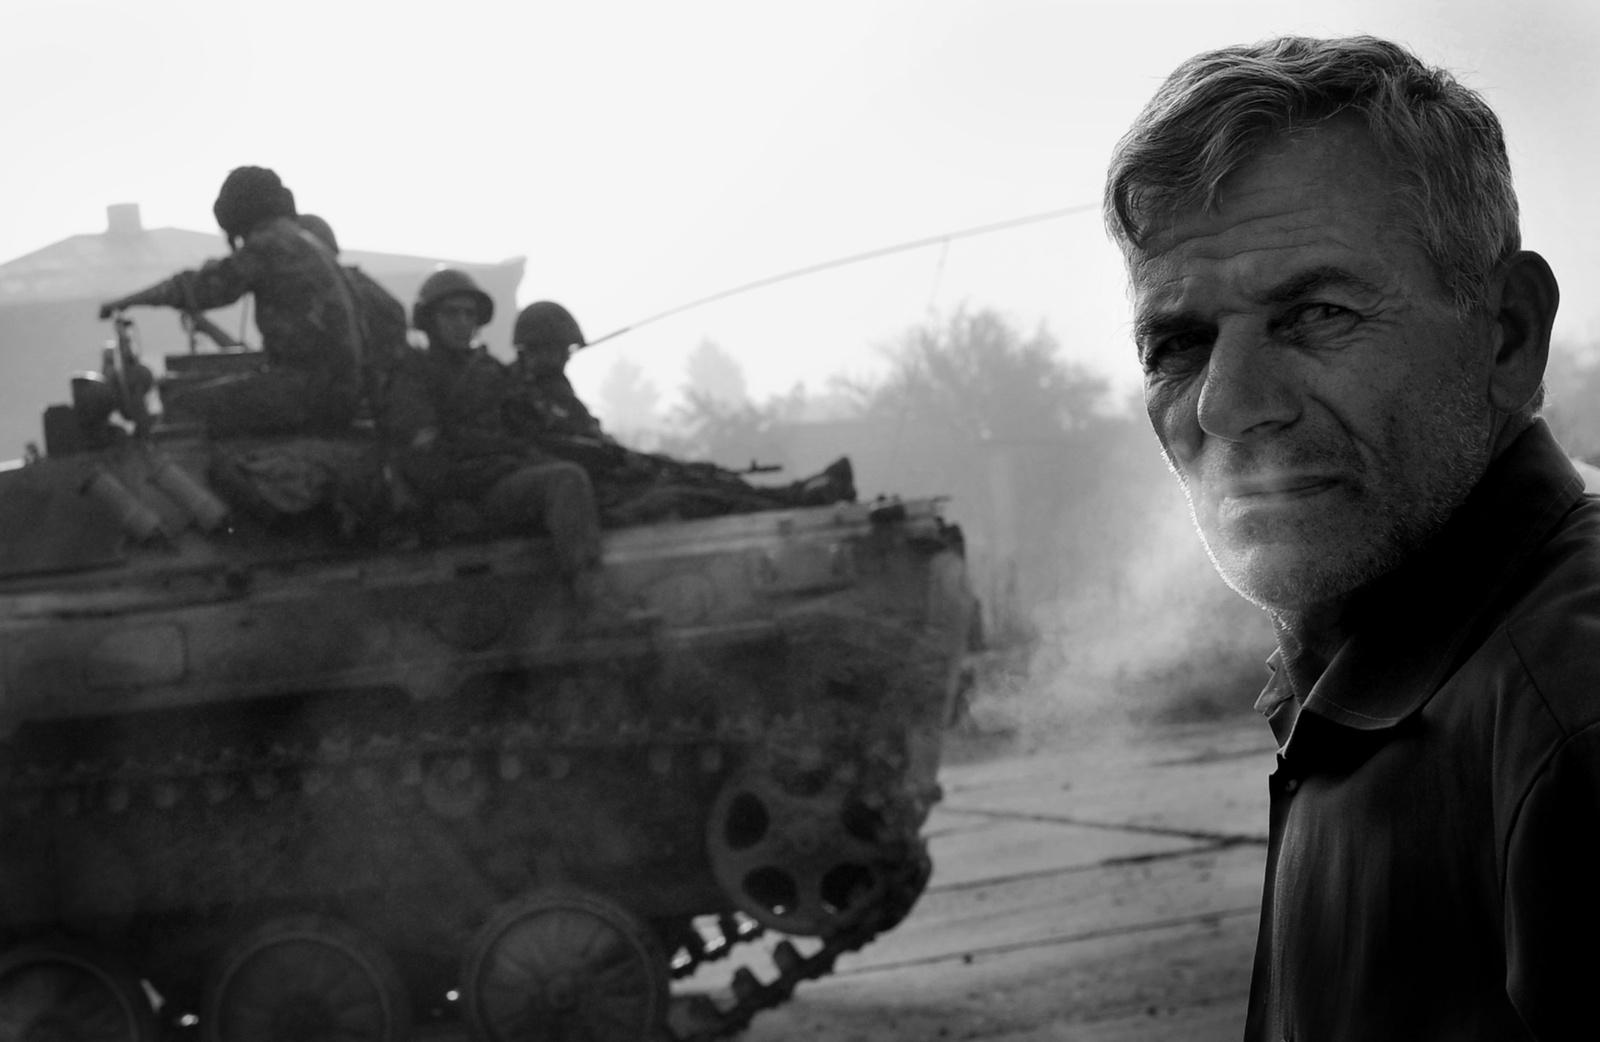 Déloszét konfliktus - Szandelszky Béla -  Associated Press